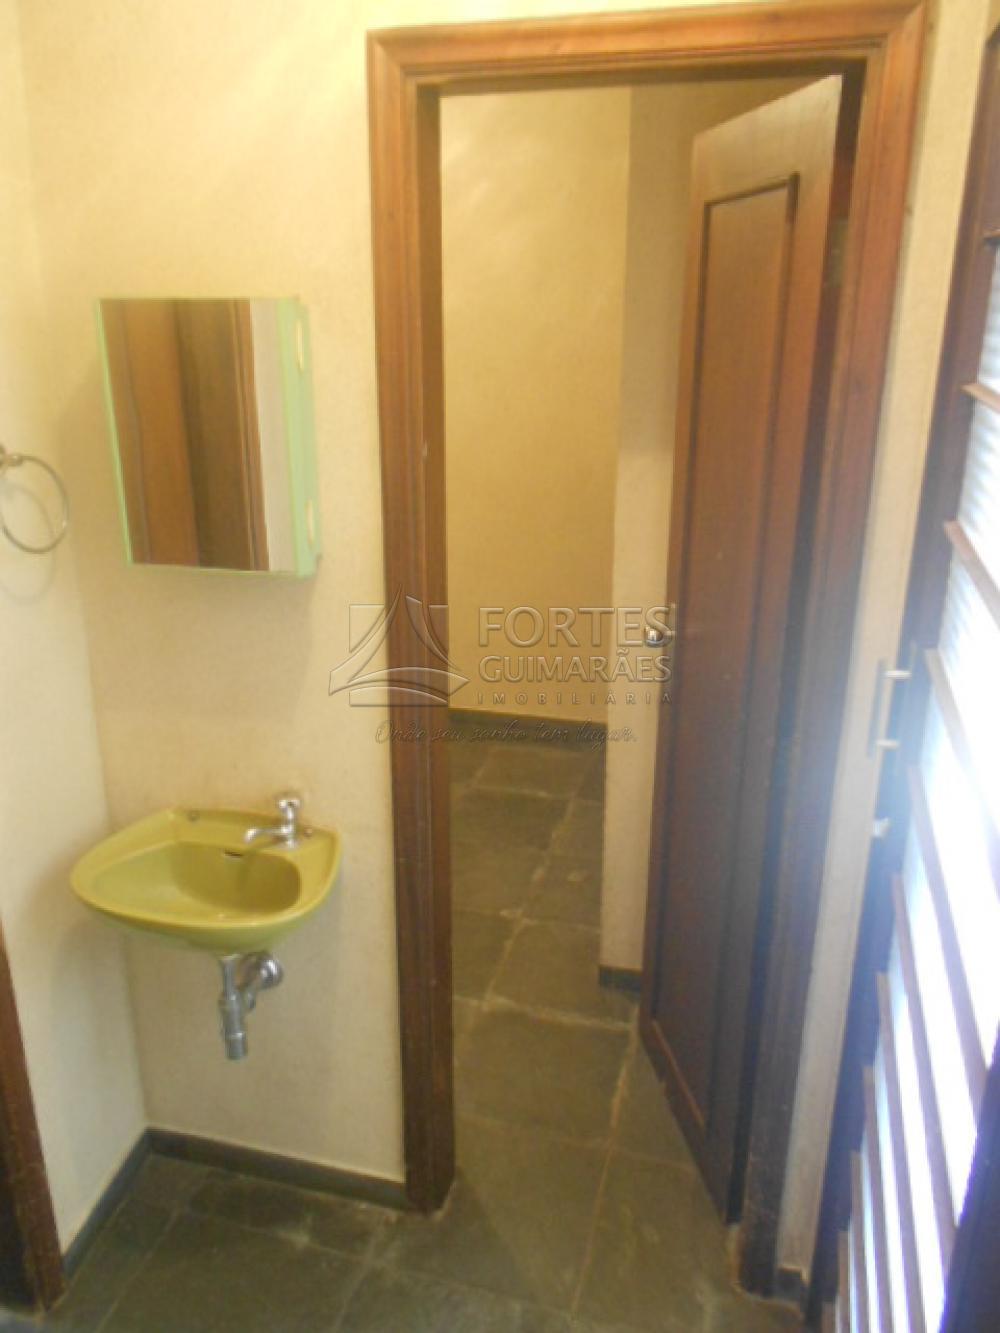 Alugar Casas / Padrão em Ribeirão Preto apenas R$ 2.500,00 - Foto 66